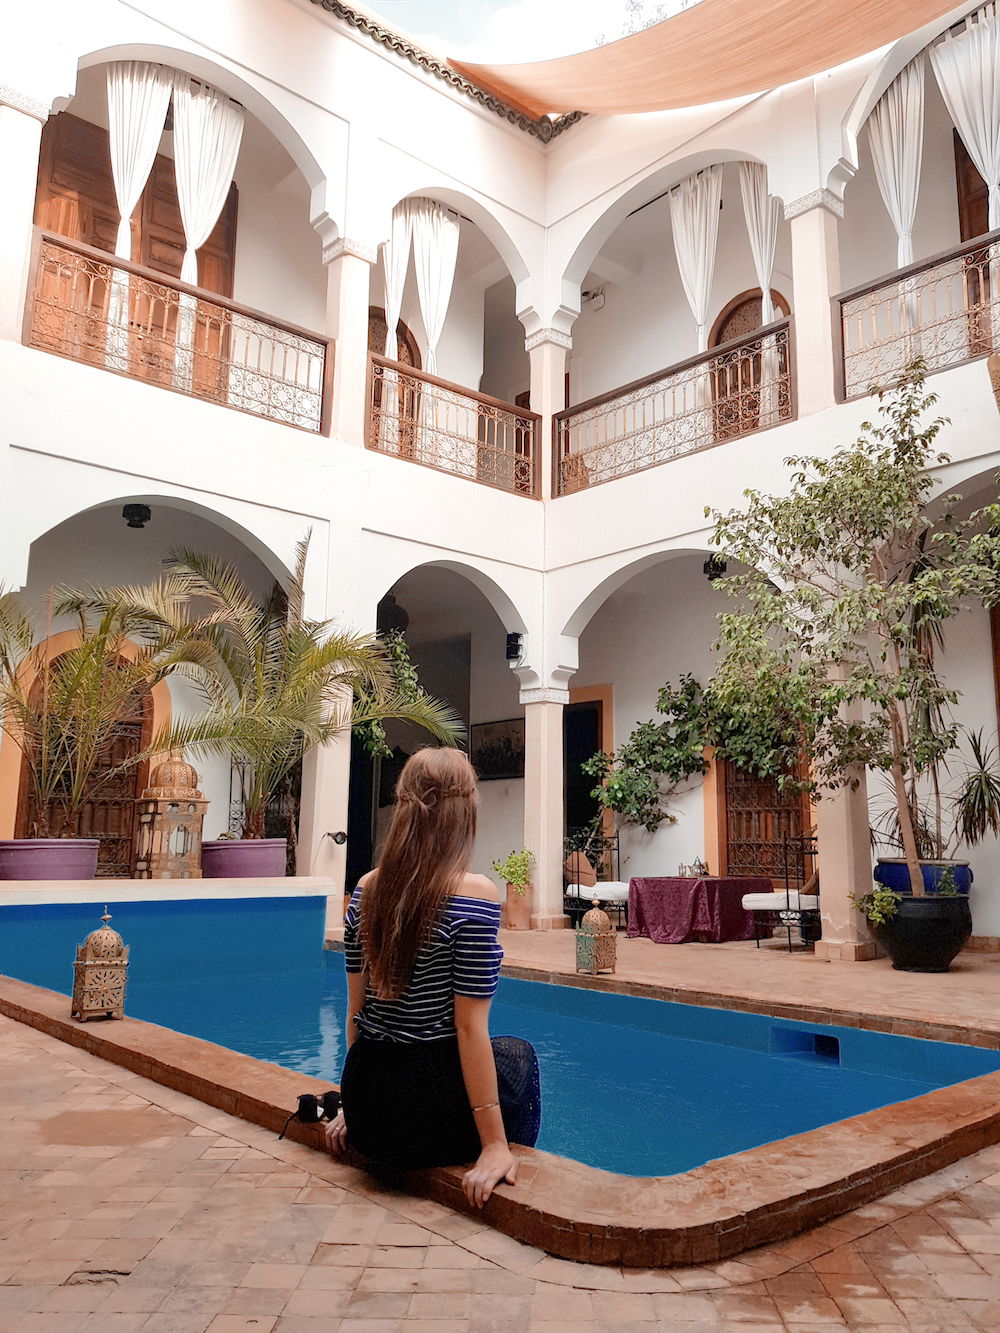 Marokko-Travel-Diary - Riad Mandalay